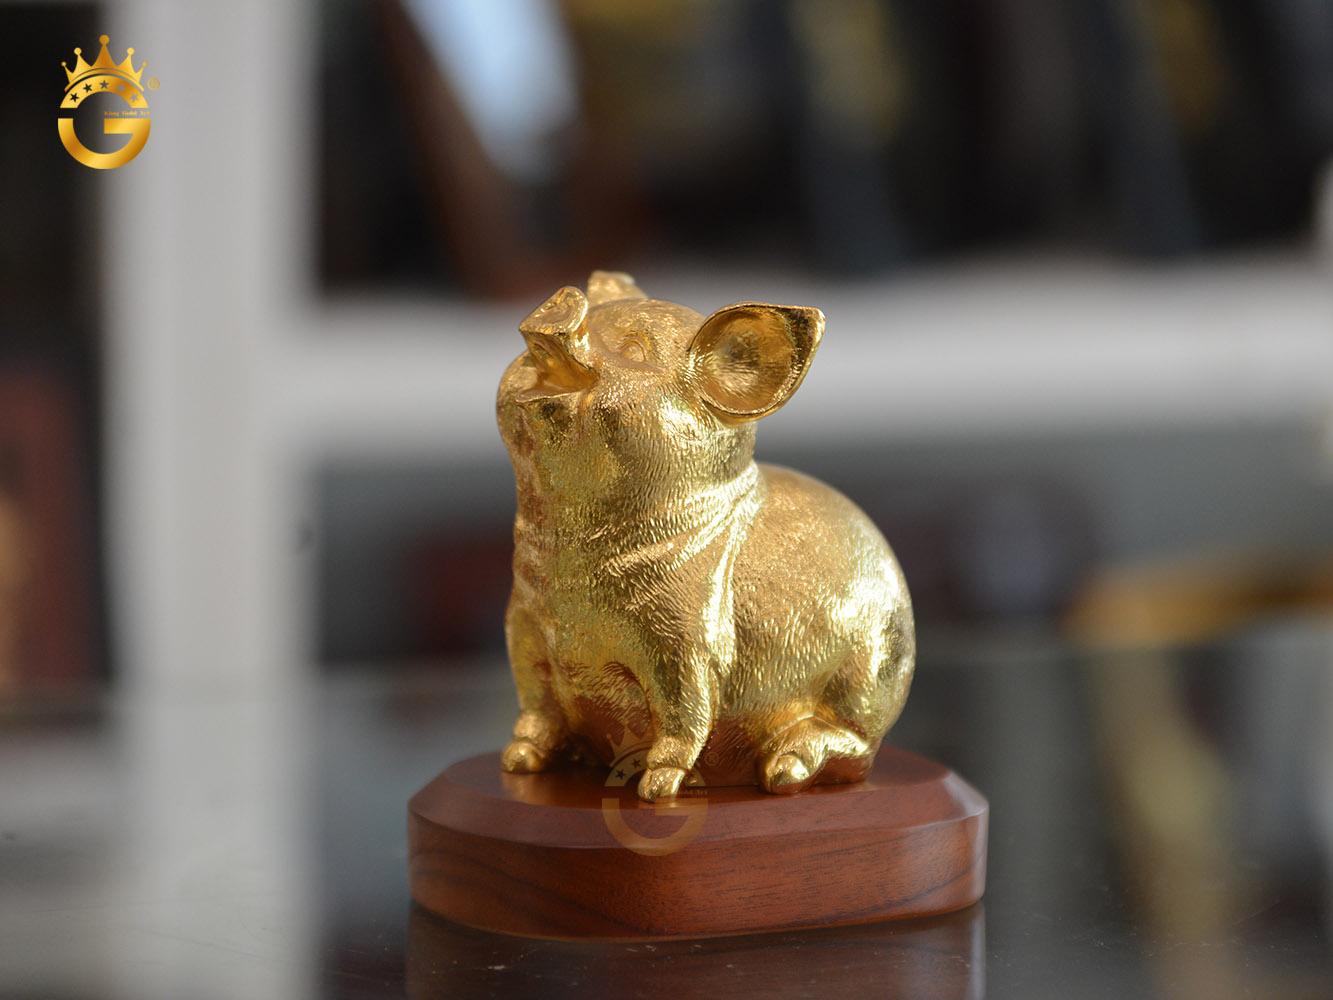 Tượng heo phong thủy mạ vàng 24k cao cấp- quà tặng khách VIP tuổi Hợi0